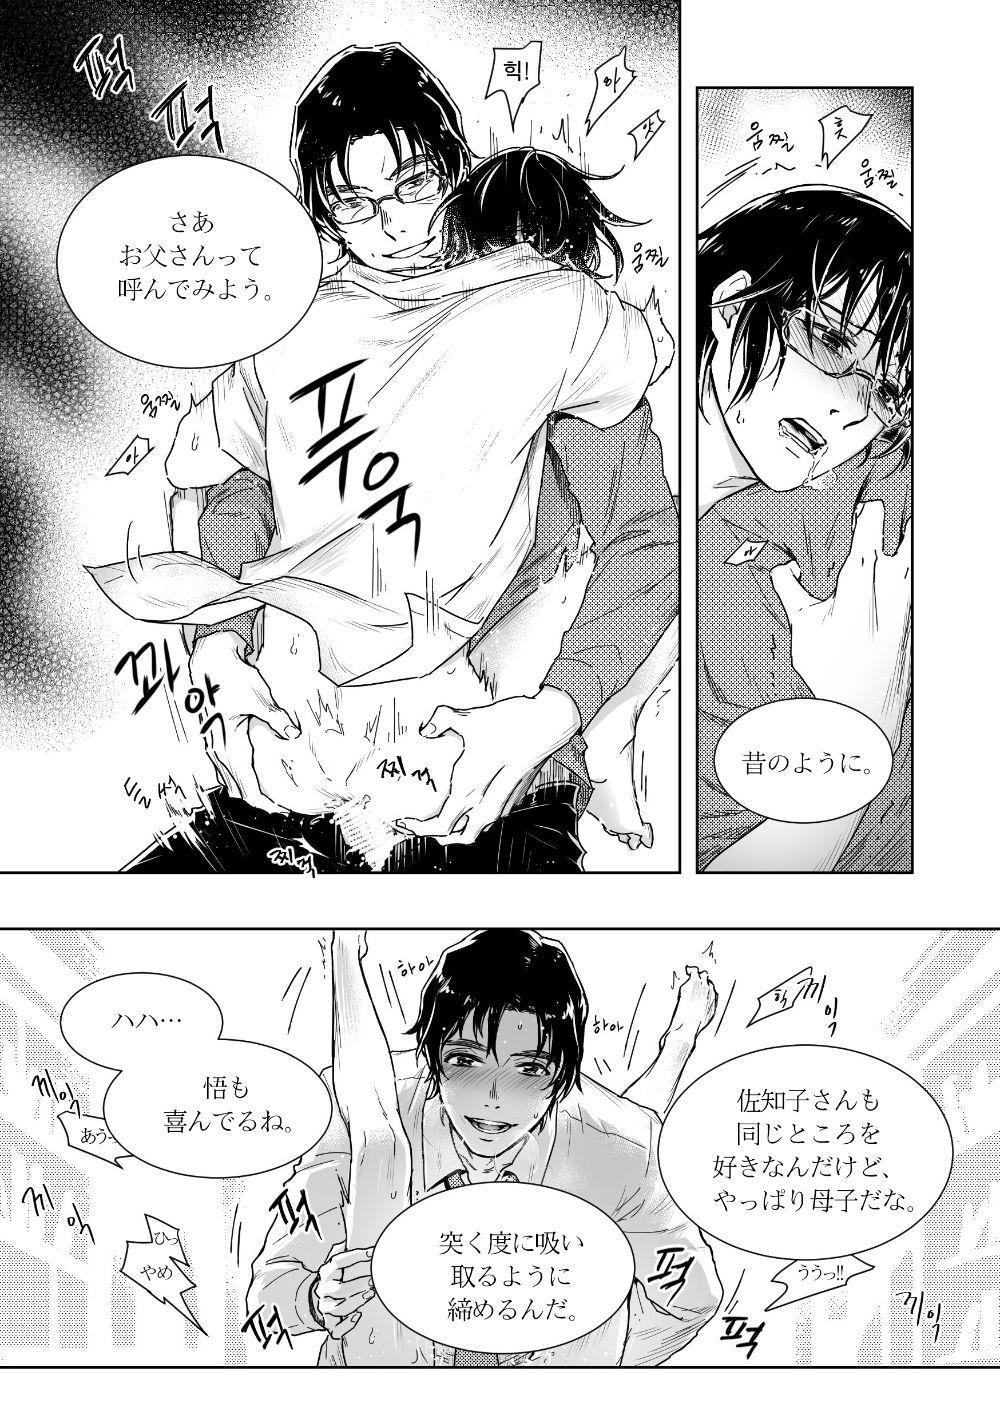 YashiSato Manga 18